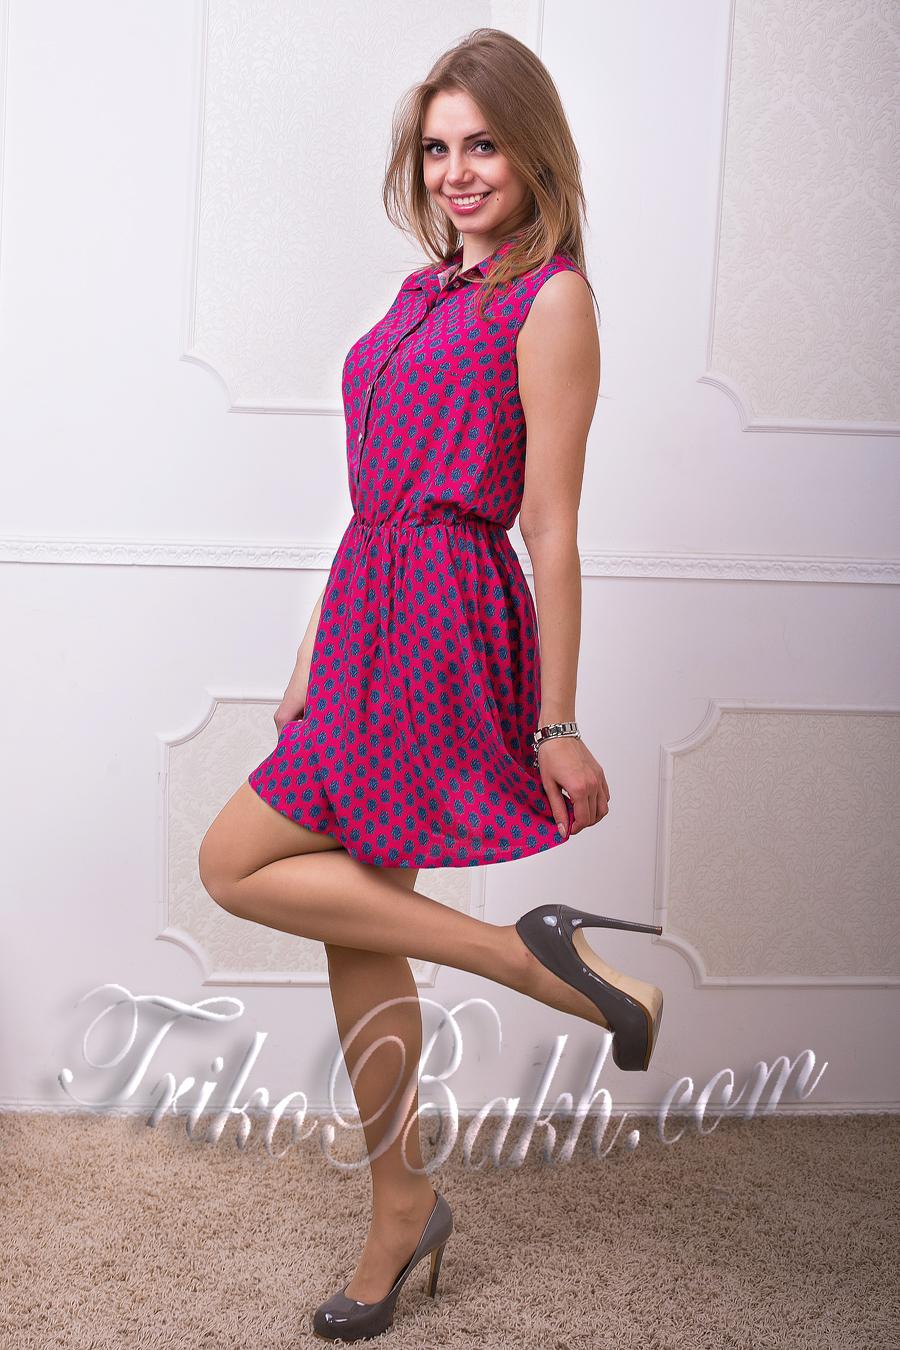 Летние платья оптом от производителя   Літні плаття оптом від виробника 74aa23a183ce0